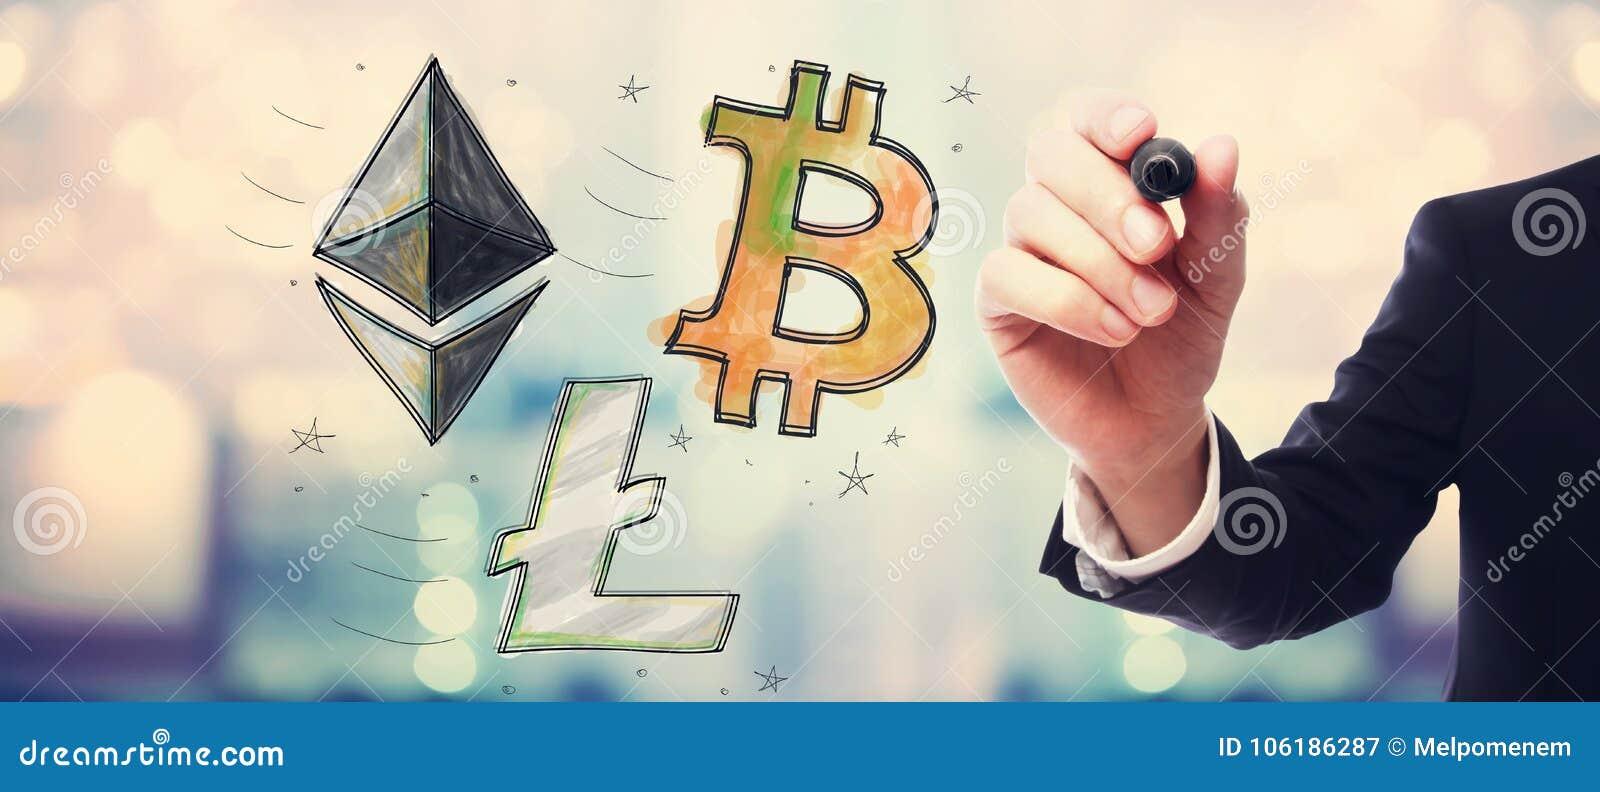 Bitcoin, Ethereum en Litecoin met zakenman